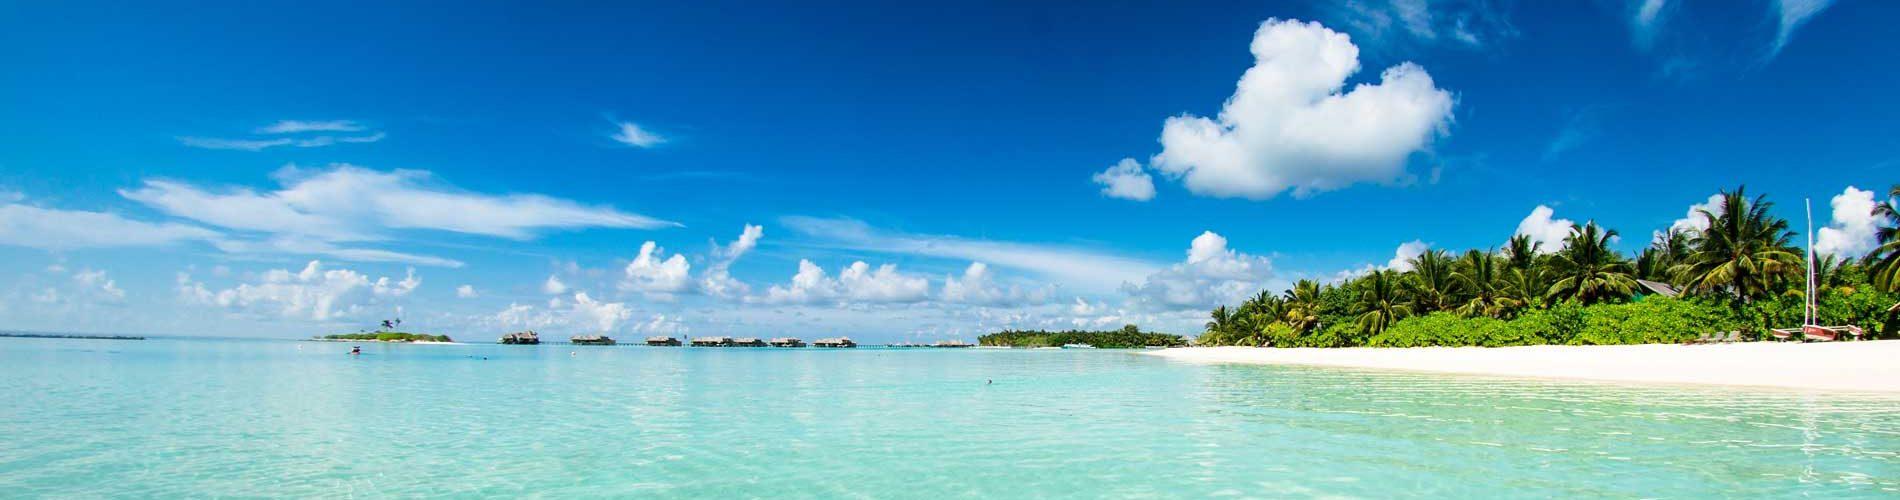 Maldives-header